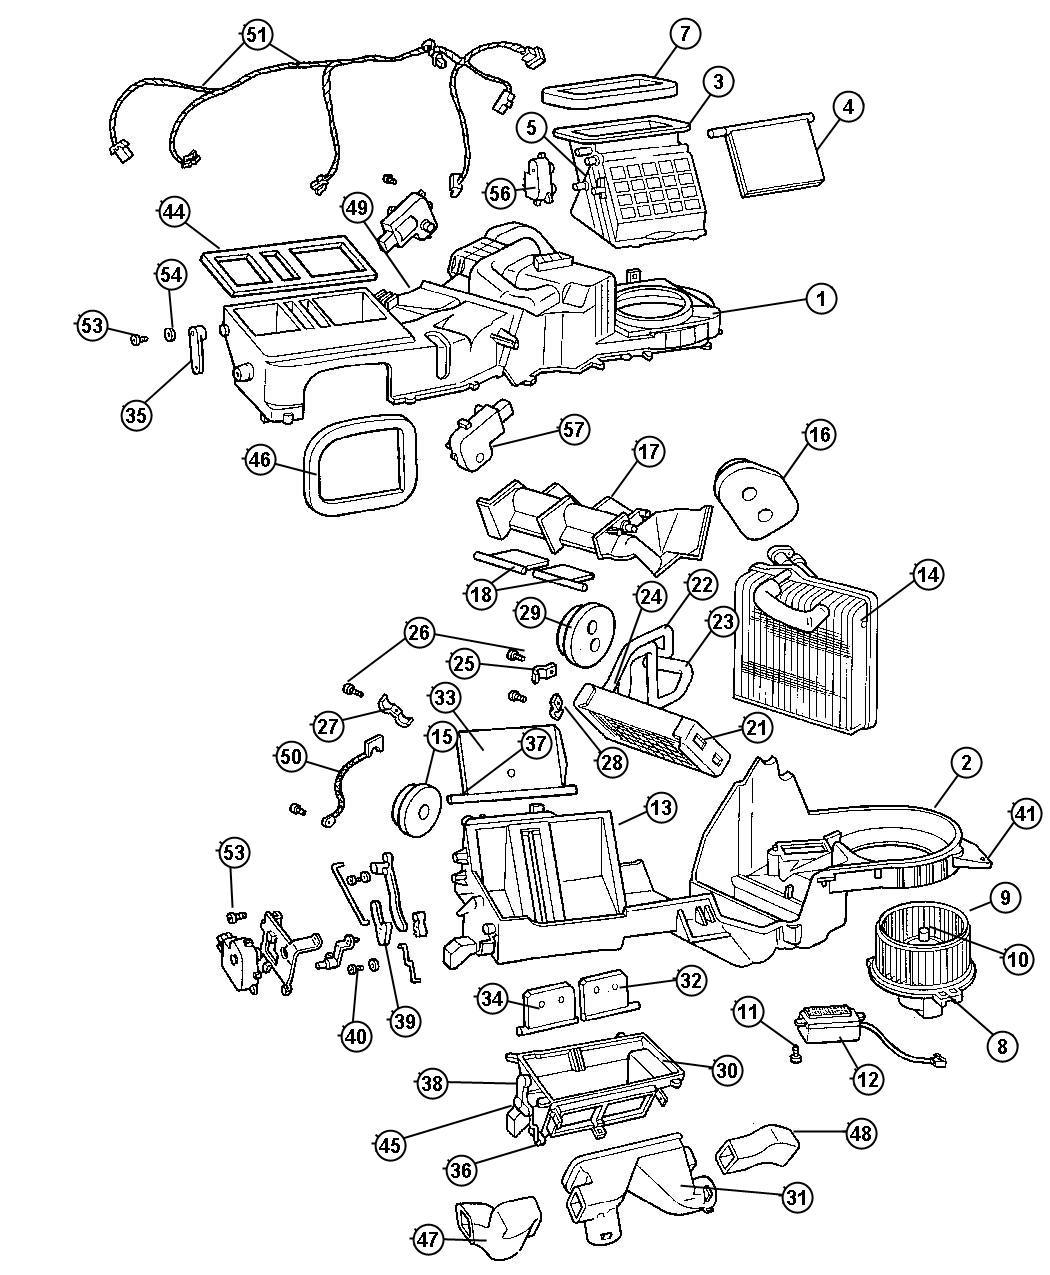 00 Jeep Xj Fuse Box. Jeep. Auto Fuse Box Diagram